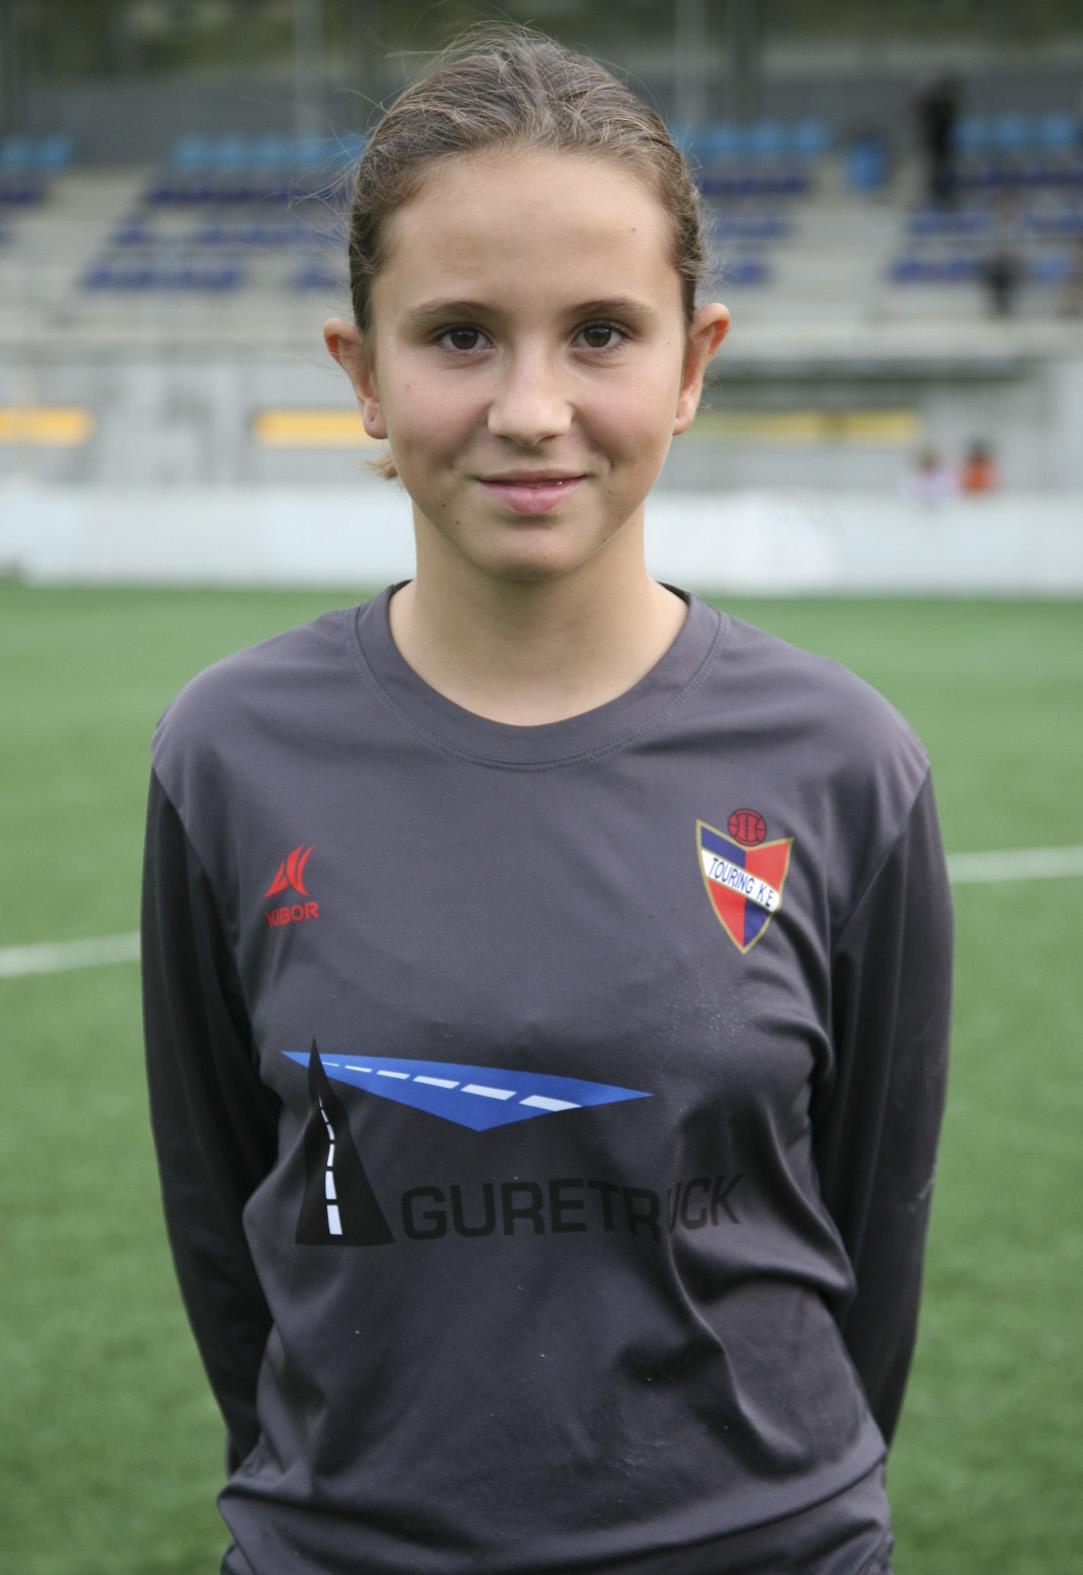 Nagore Sánchez